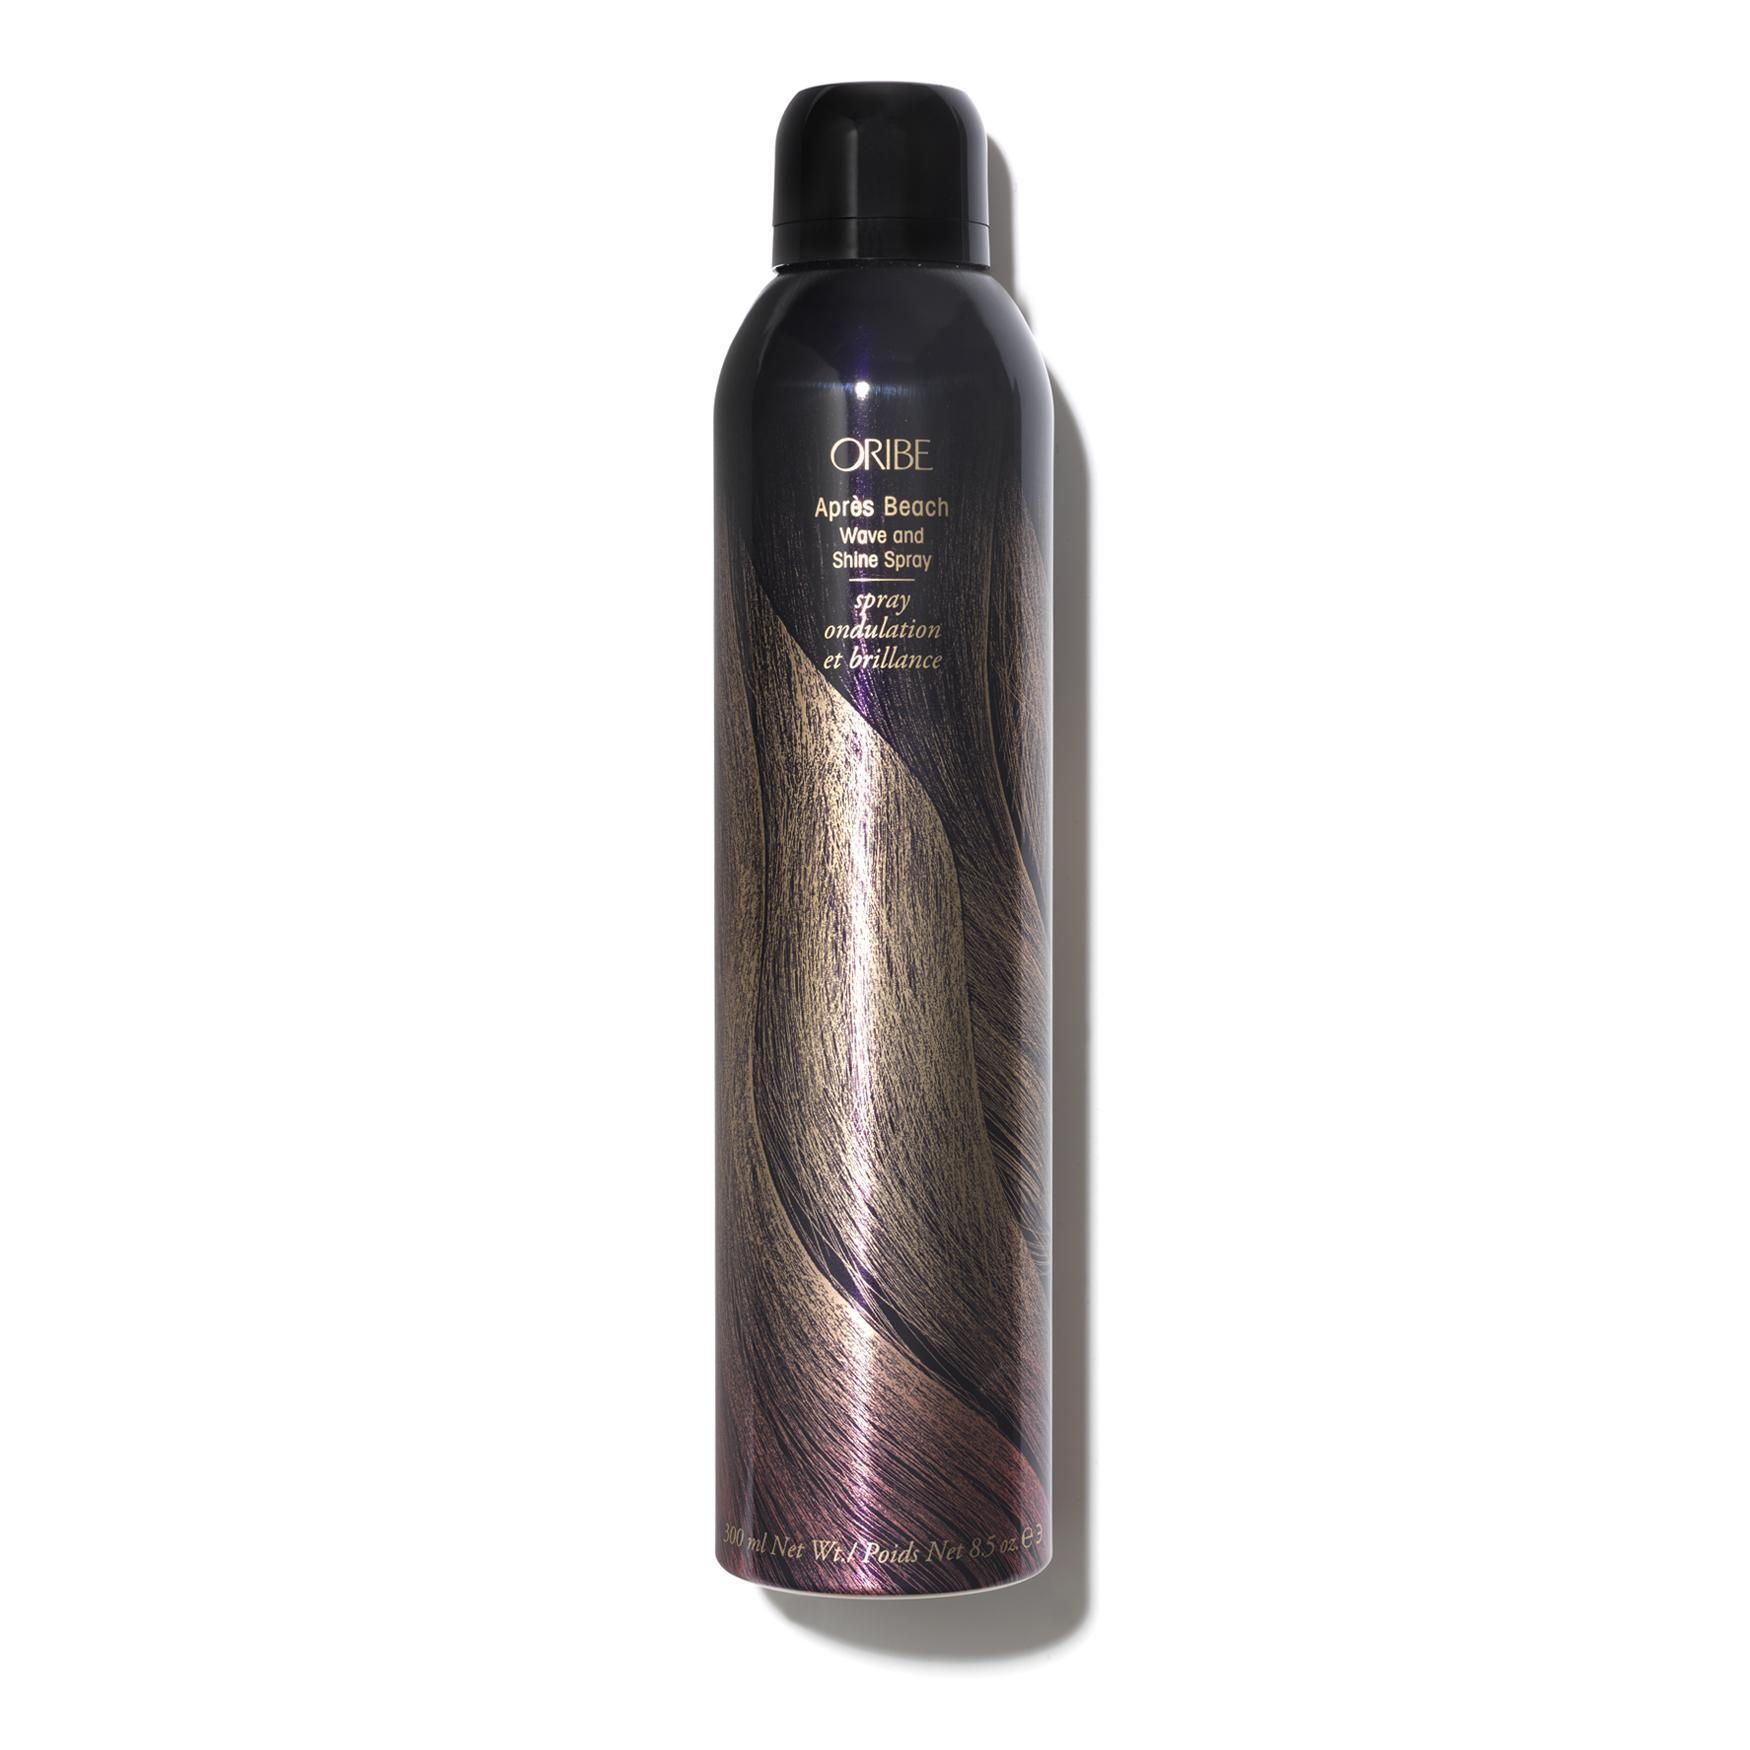 xịt dưỡng tóc uốn gợn sóng lọn to Oribe Apres Beach Wave and Shine Spray